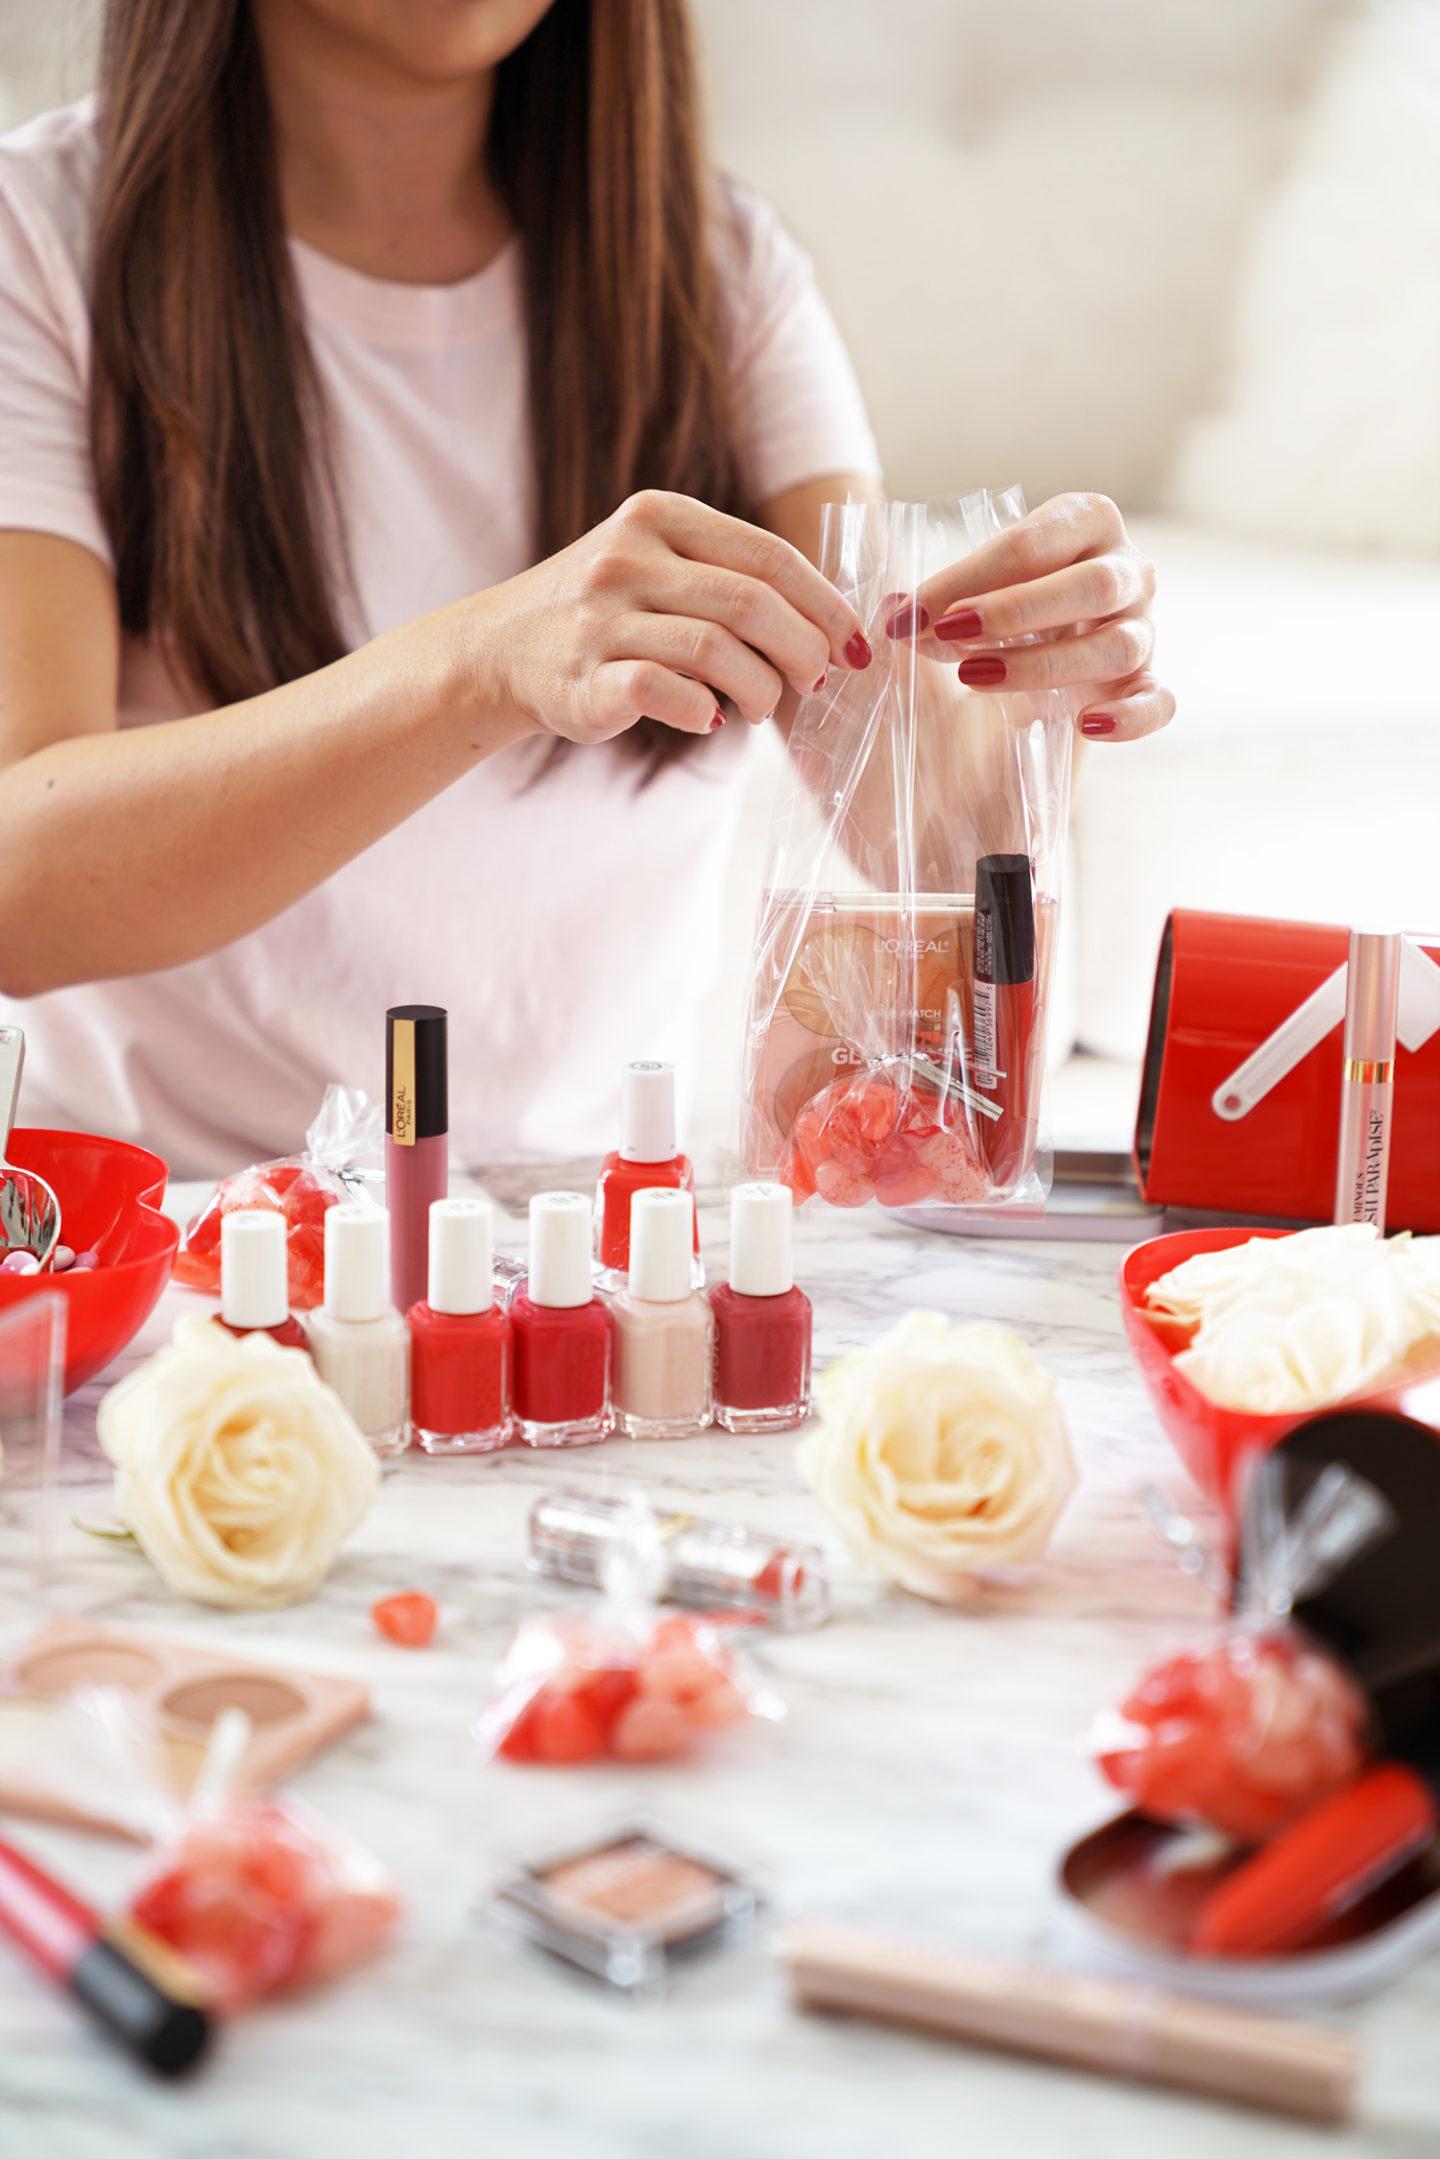 Idées de cadeaux de beauté budget bon marché de Galentine